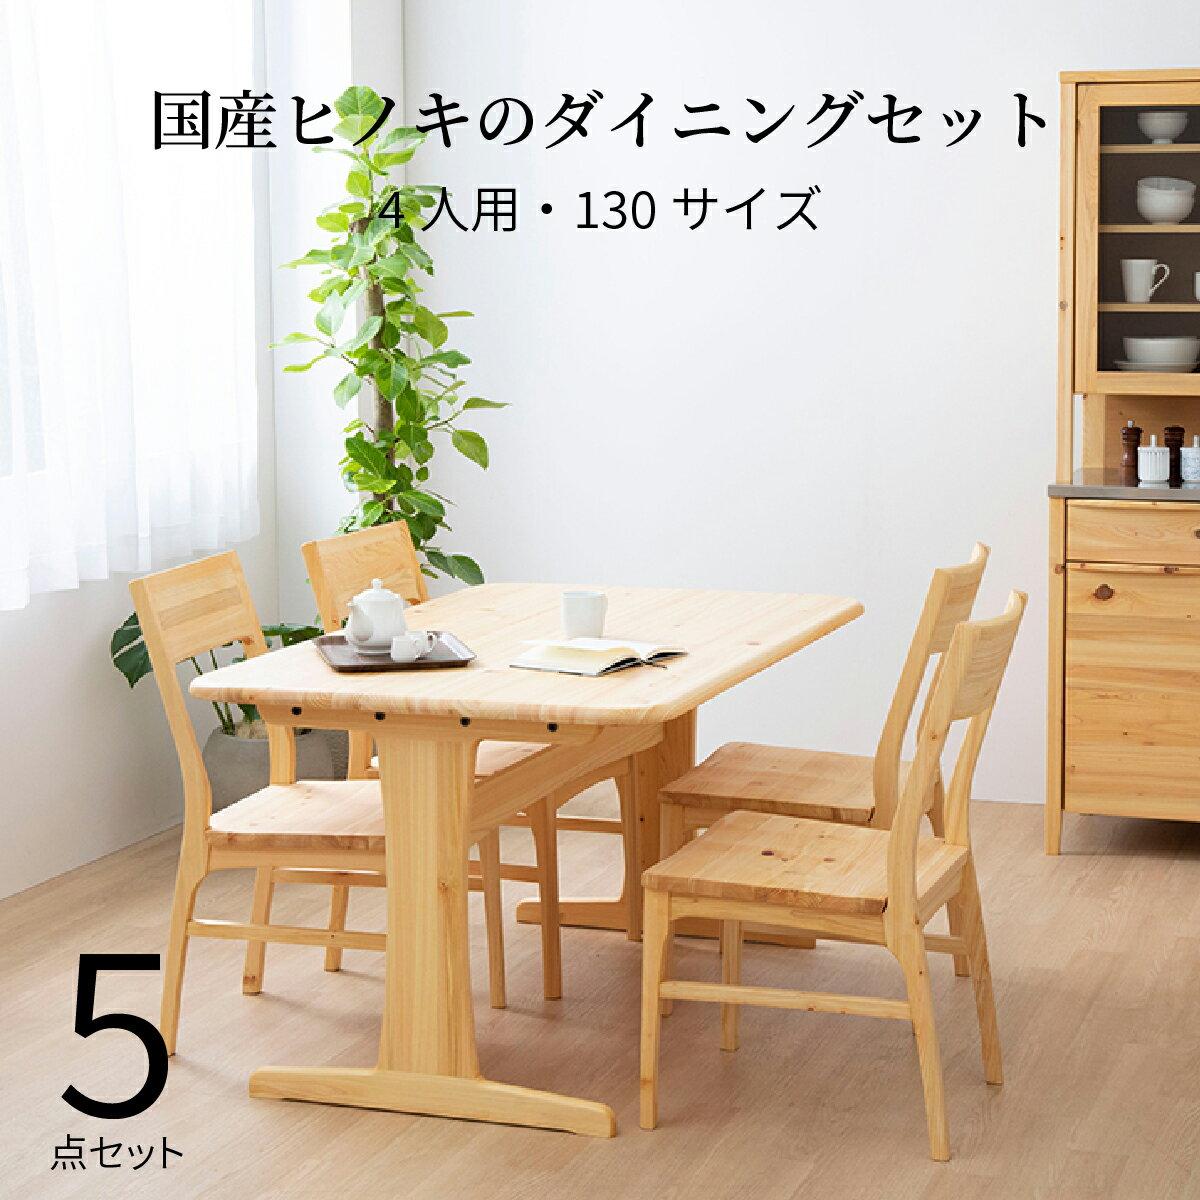 ダイニングテーブルセット 5点セット ひのき 国産 木製 おしゃれ 北欧 4人用 人気 ダイニングセット テーブル5点セット MOIST 130テーブル チェアー _4脚 シギヤマ家具工業 シギヤマ